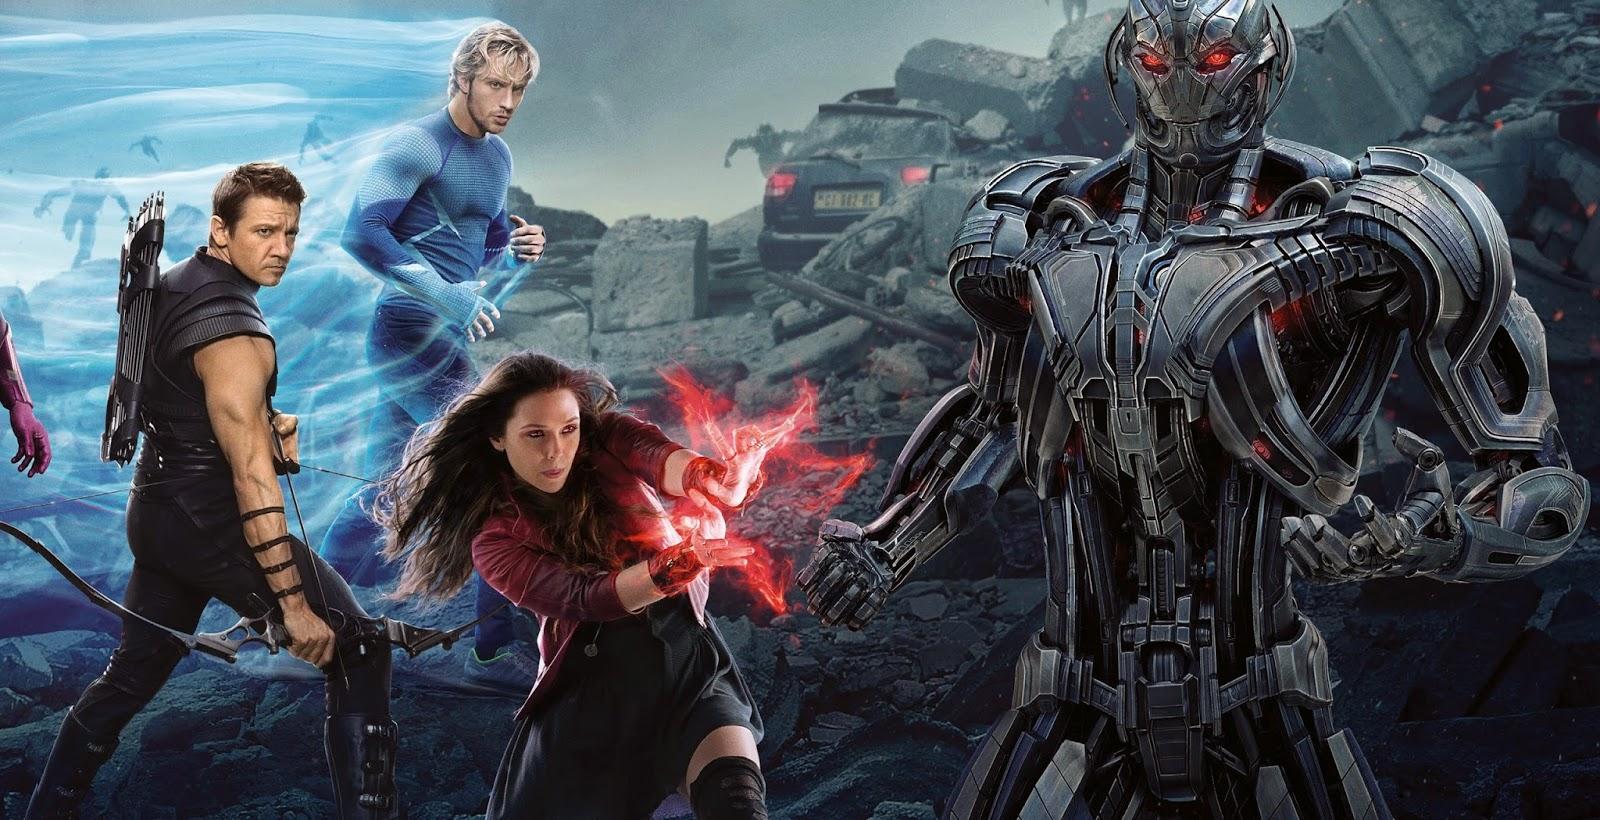 Vingadores: Era de Ultron | Ultron vs Homem de Ferro em cenas inéditas, featurette sobre origem do vilão & mais